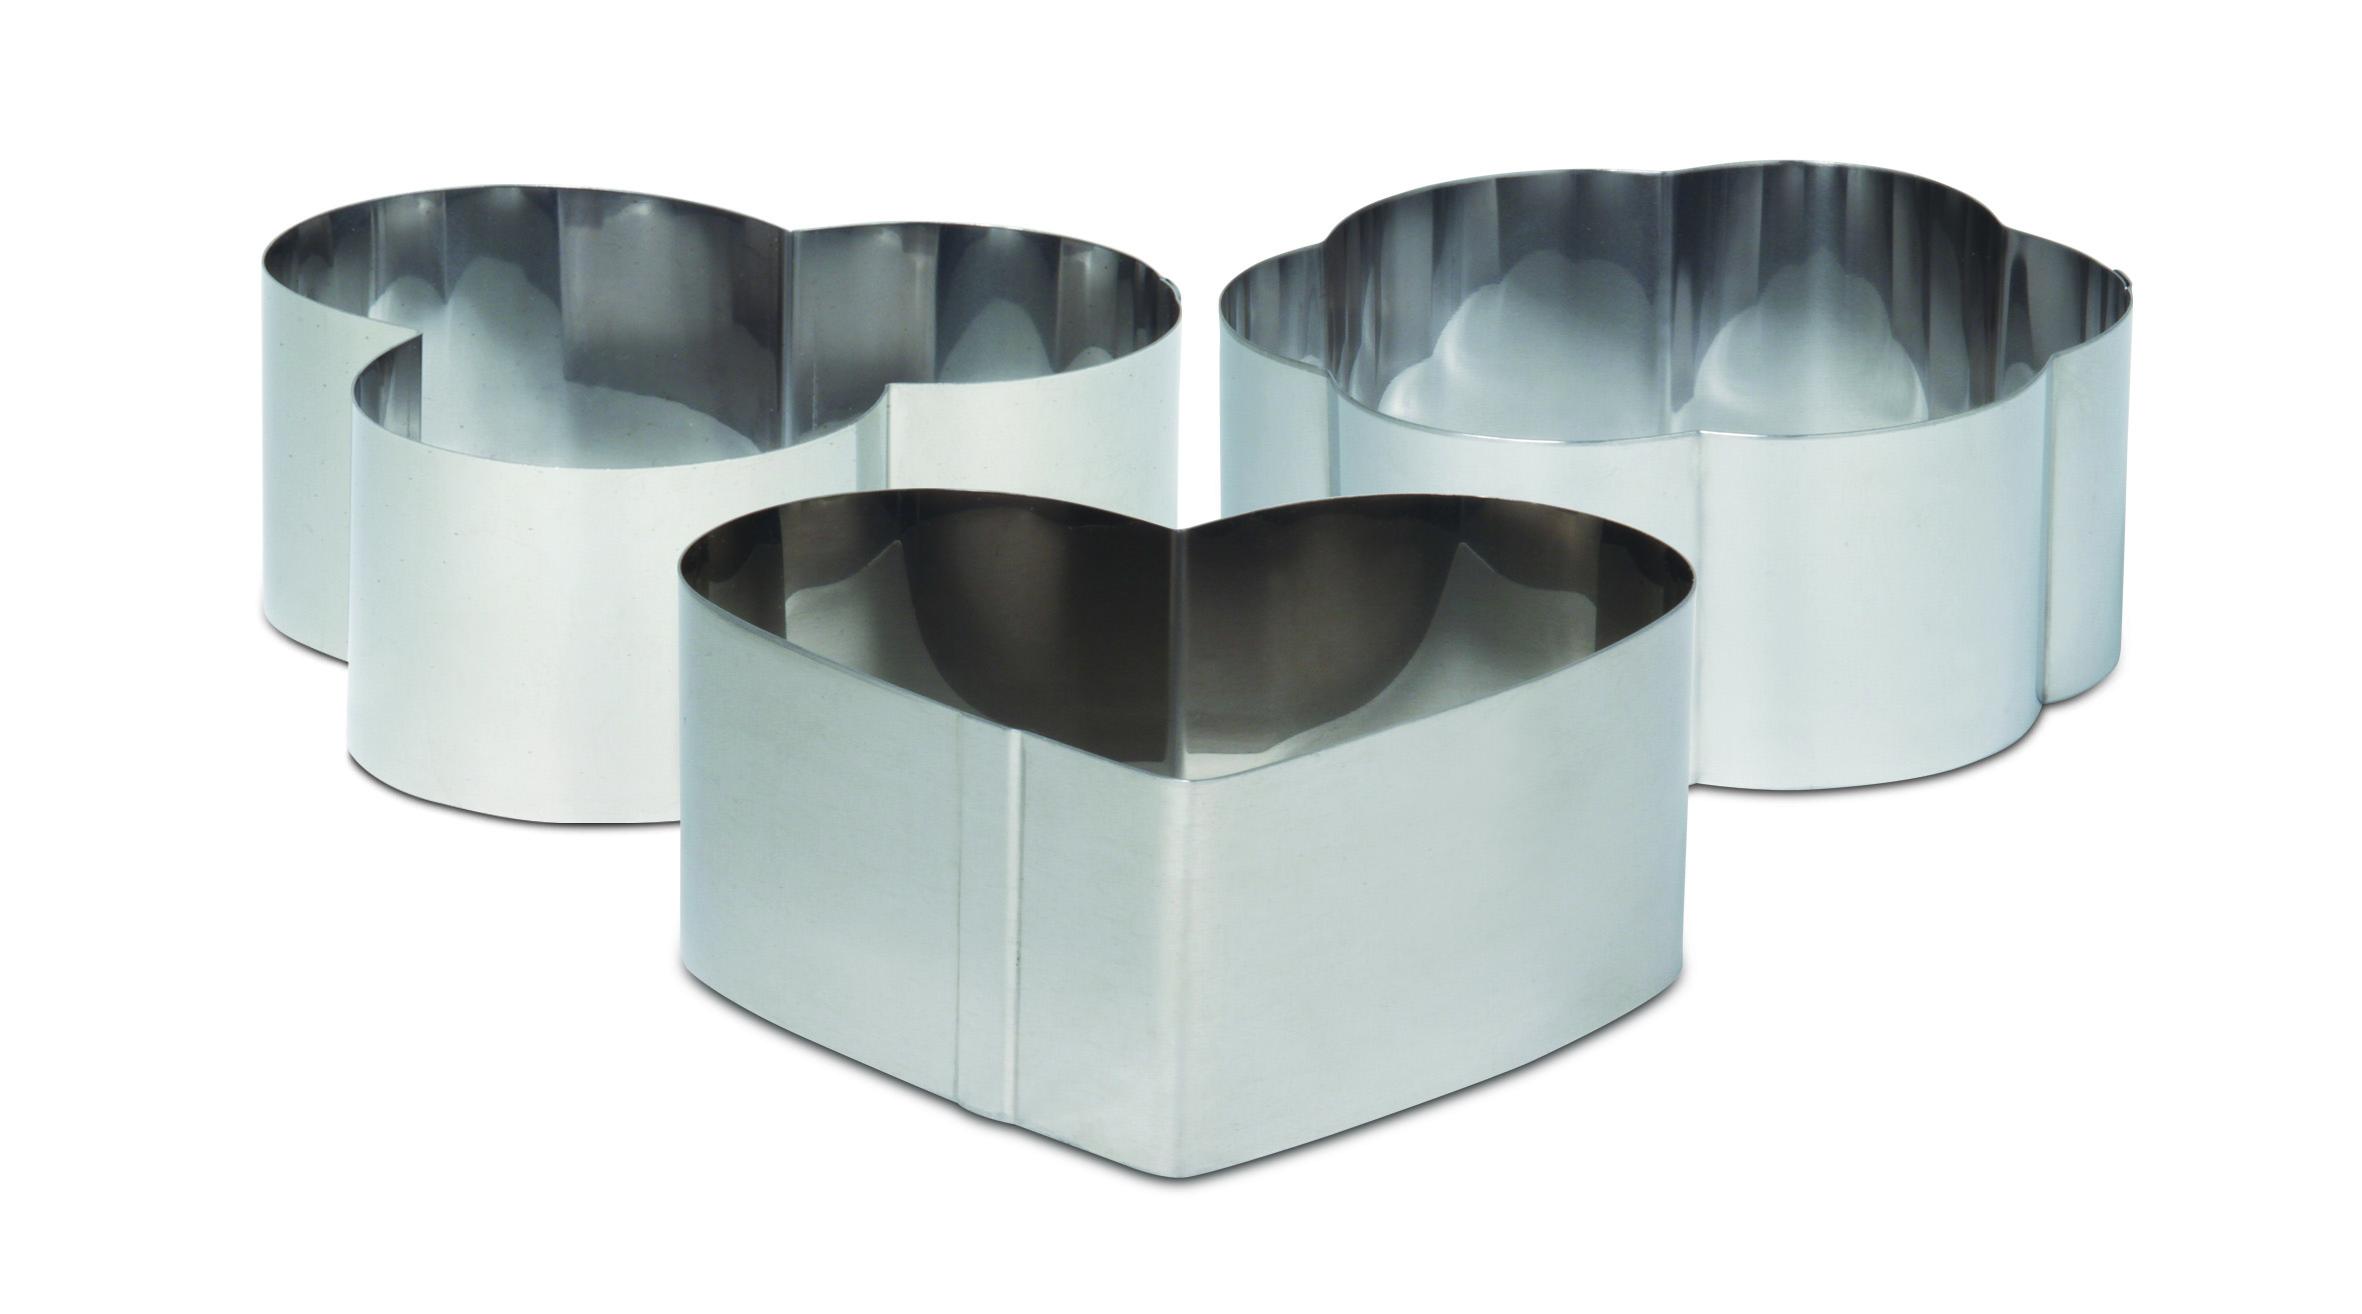 ΣΕΤ 3 Δαχτυλίδια Φορμάκια Μίνι – METALTEX – 51032